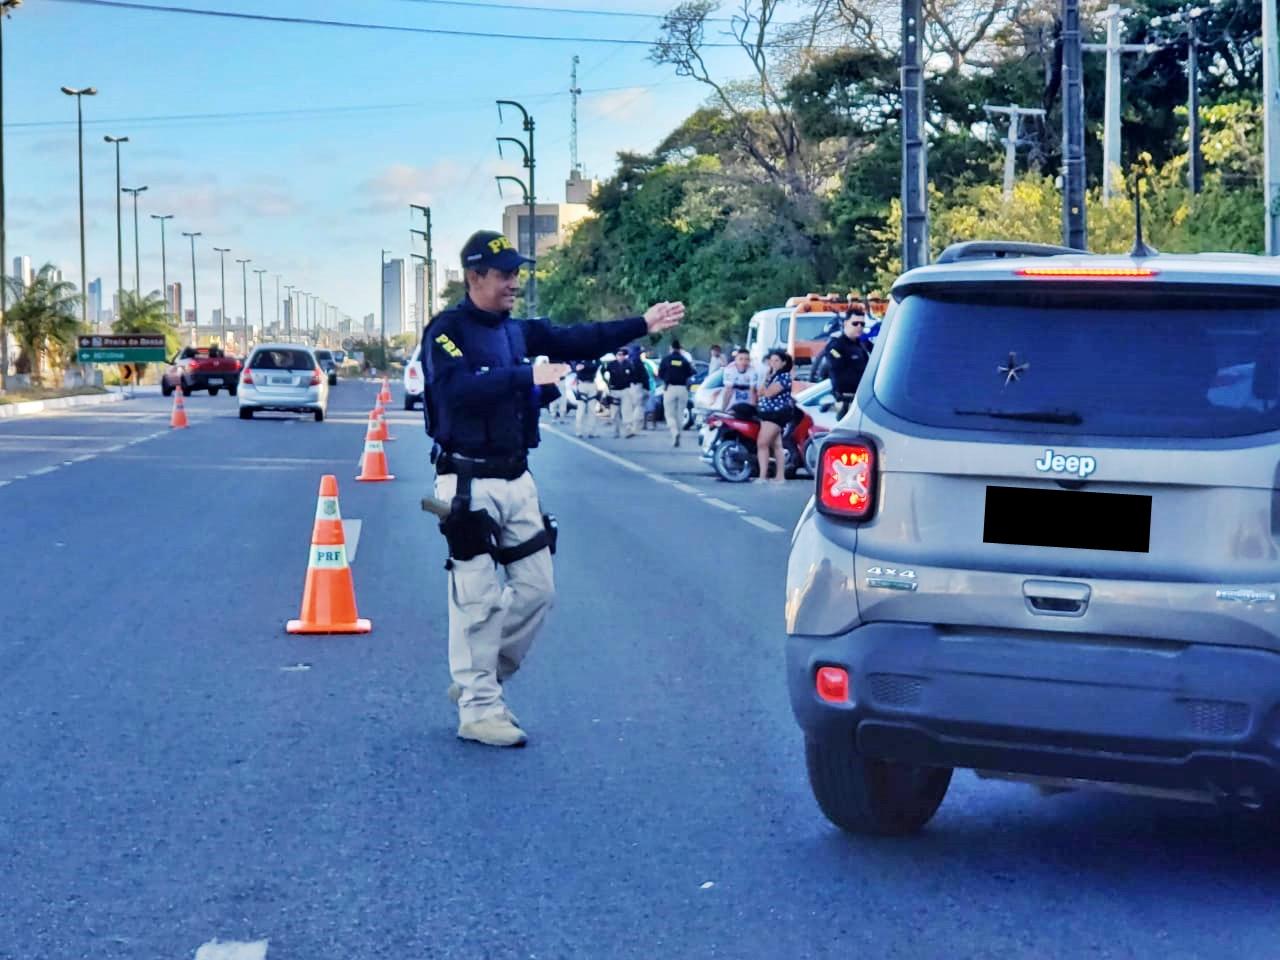 WhatsApp Image 2020 04 08 at 15.00.25 - PRF na Paraíba registra um aumento de 179% no número de veículos recuperados nos três primeiros meses do ano